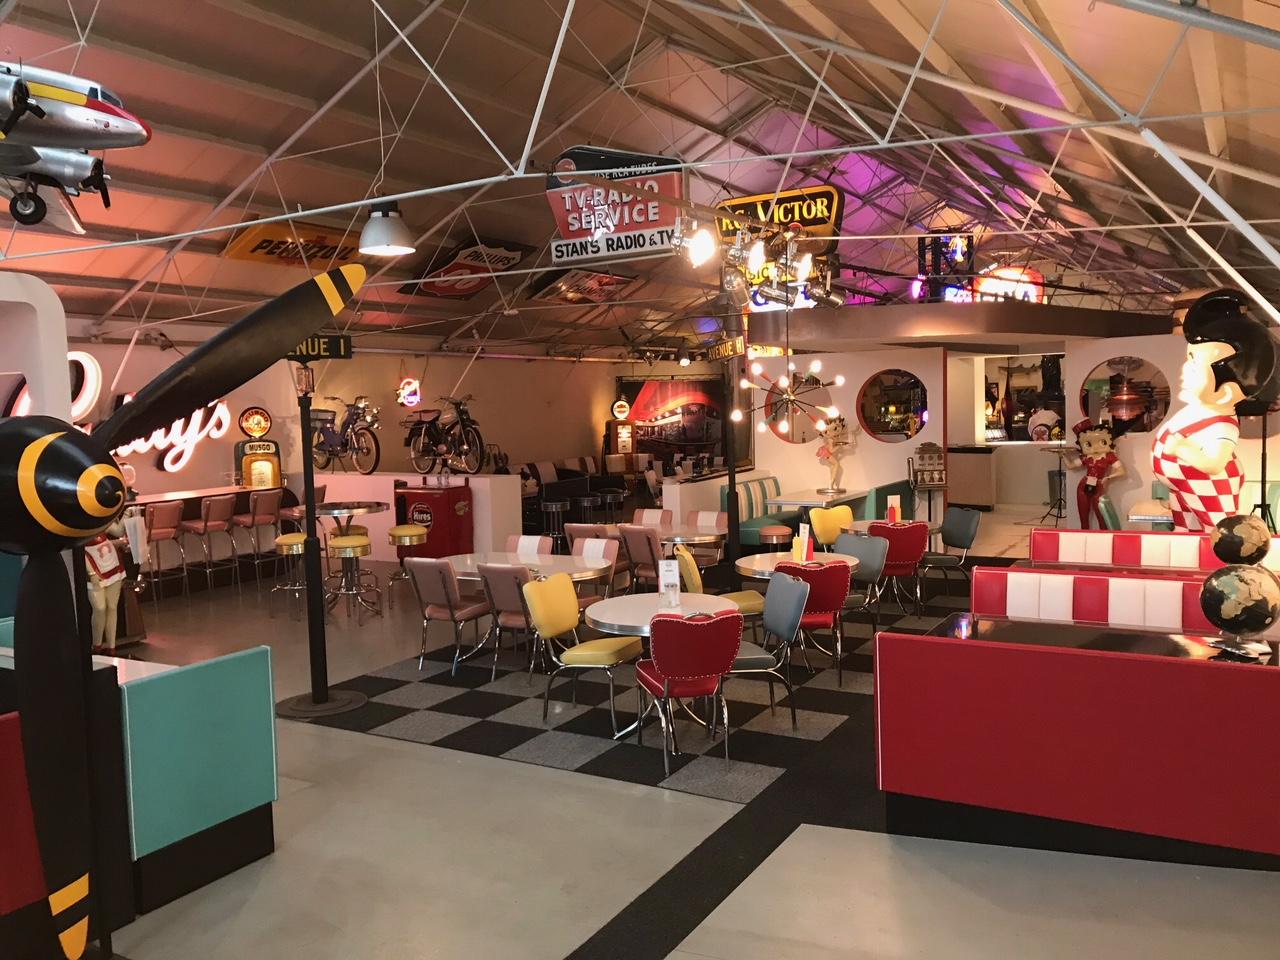 Salle d'exposition Bel Air meubles années 50 restauration rapide diner Américain